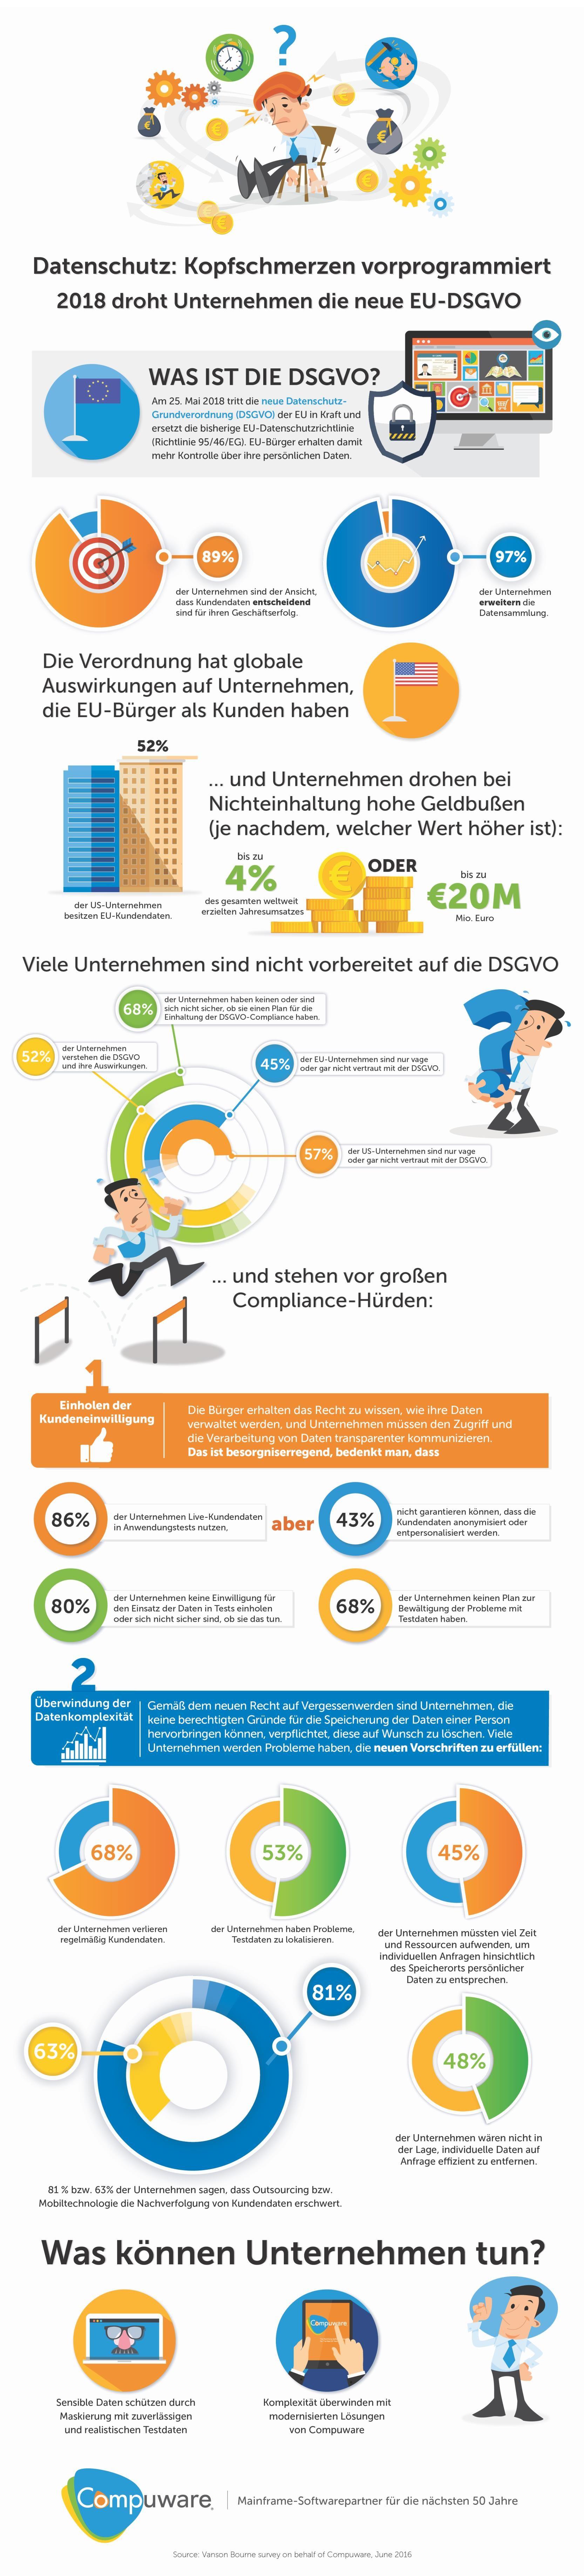 infografik-compuware-gdpr-recht-auf-vergessen